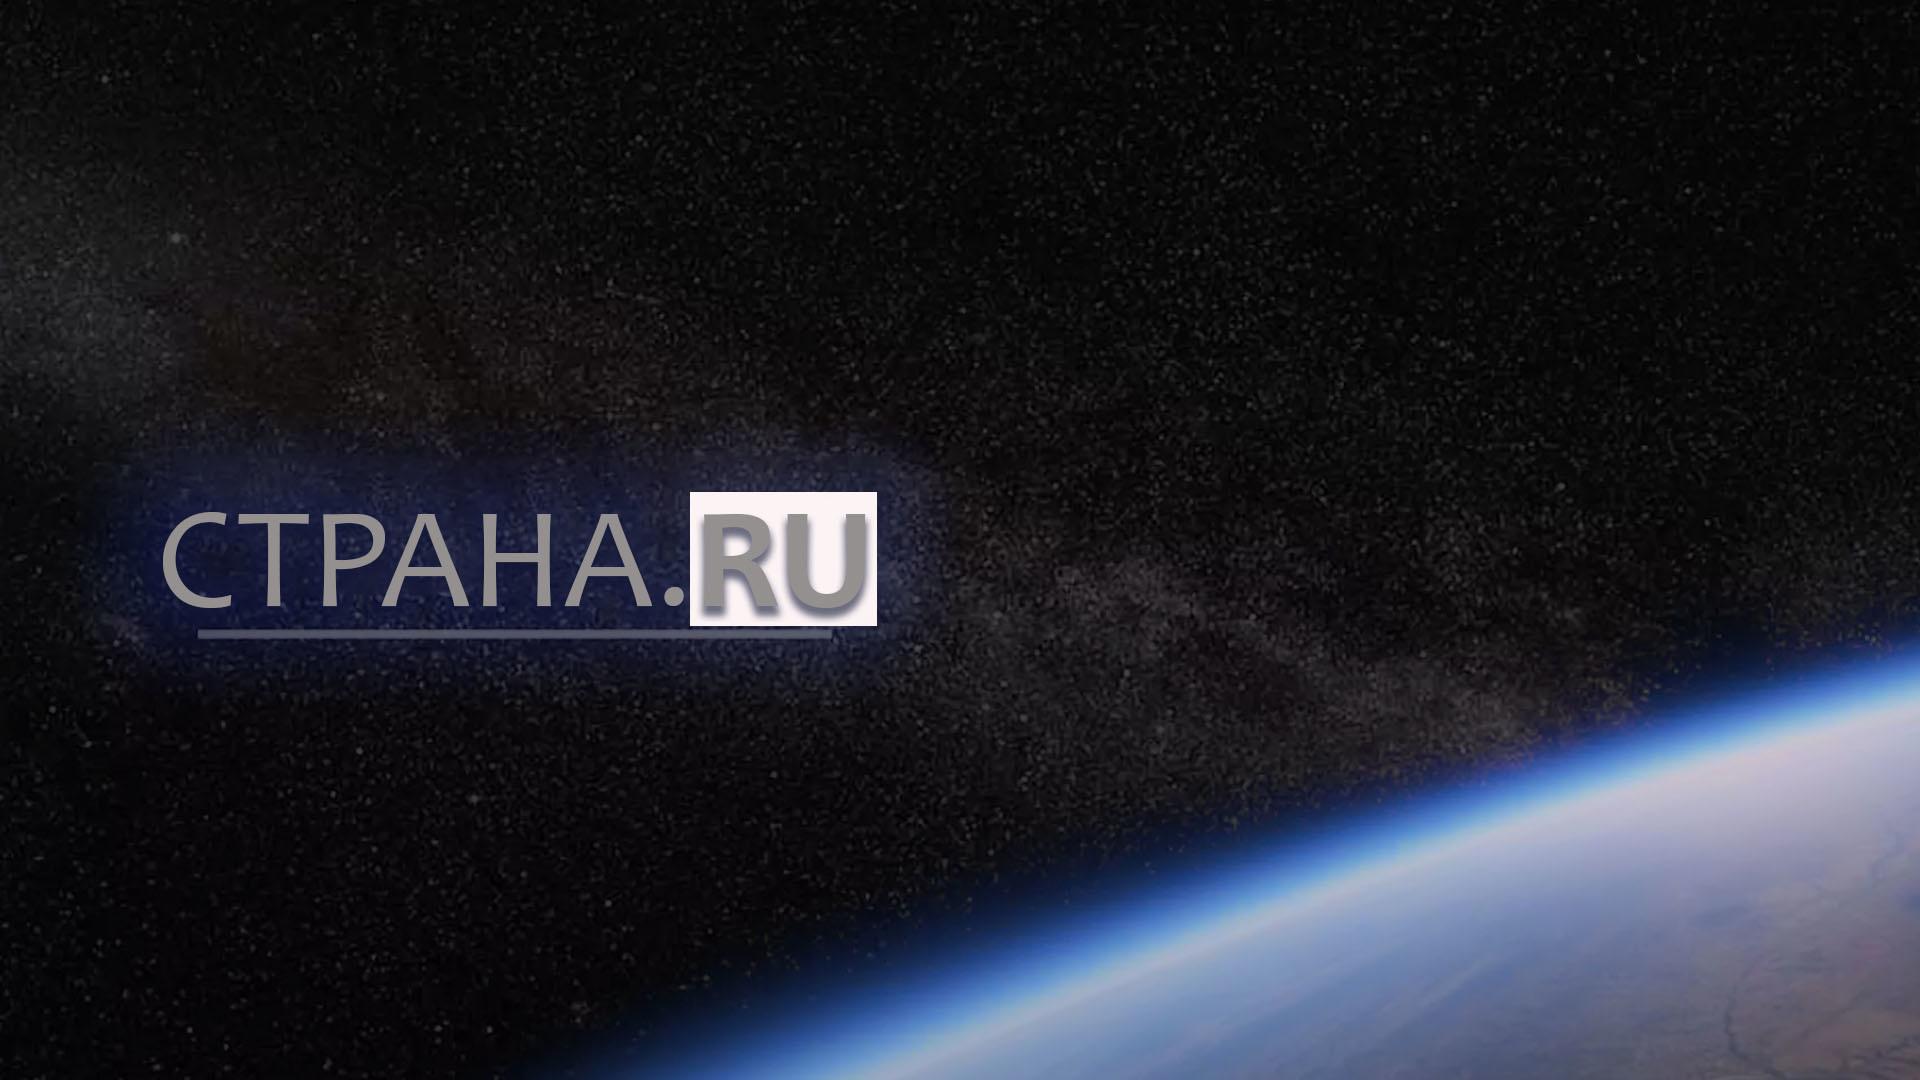 Страна.ru